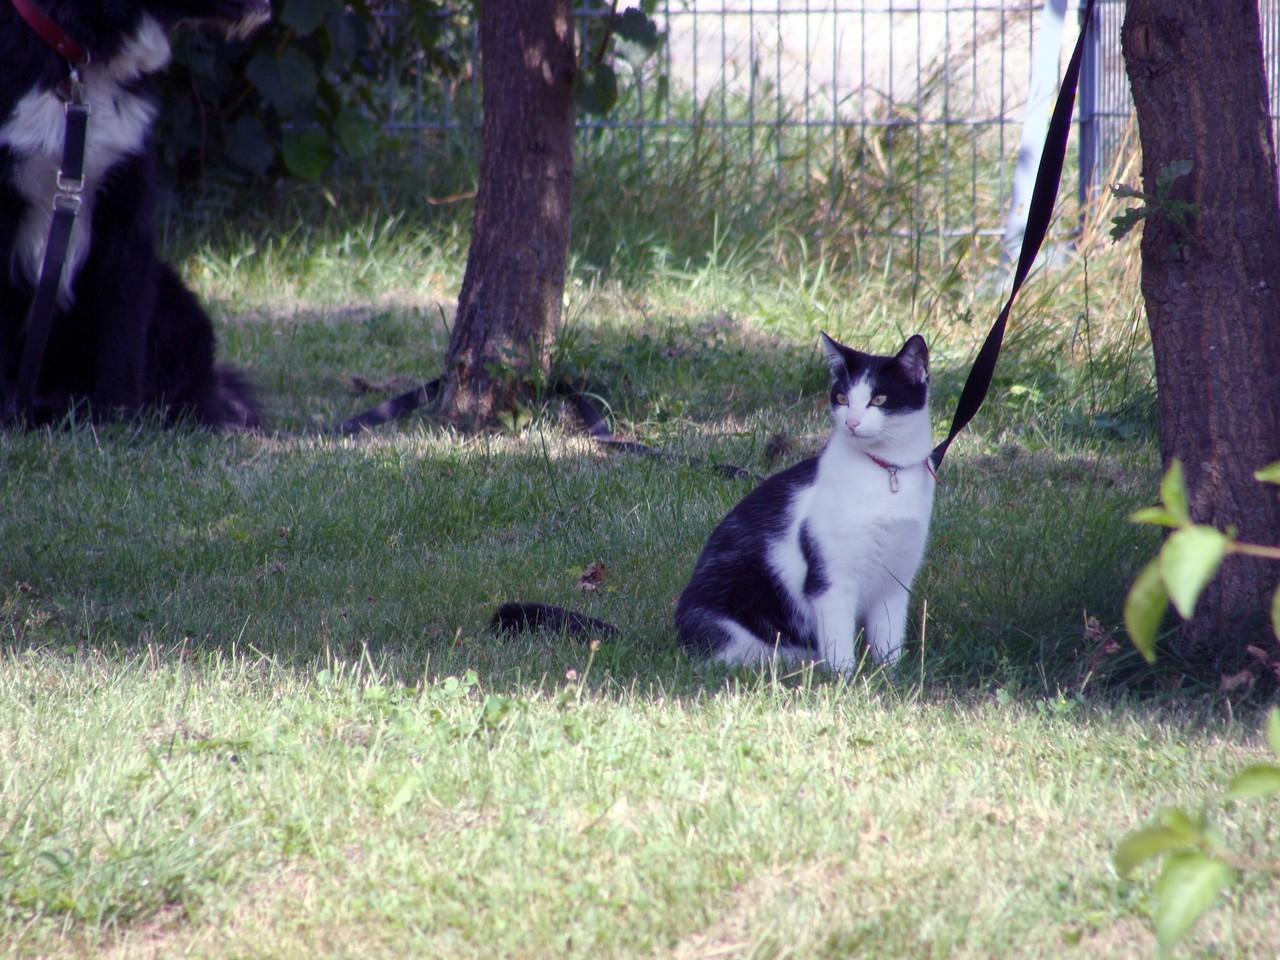 Und eine Katze. Die ist nicht an der Leine, auch wenn es so aussieht. Sie bleibt immer in der Nähe.